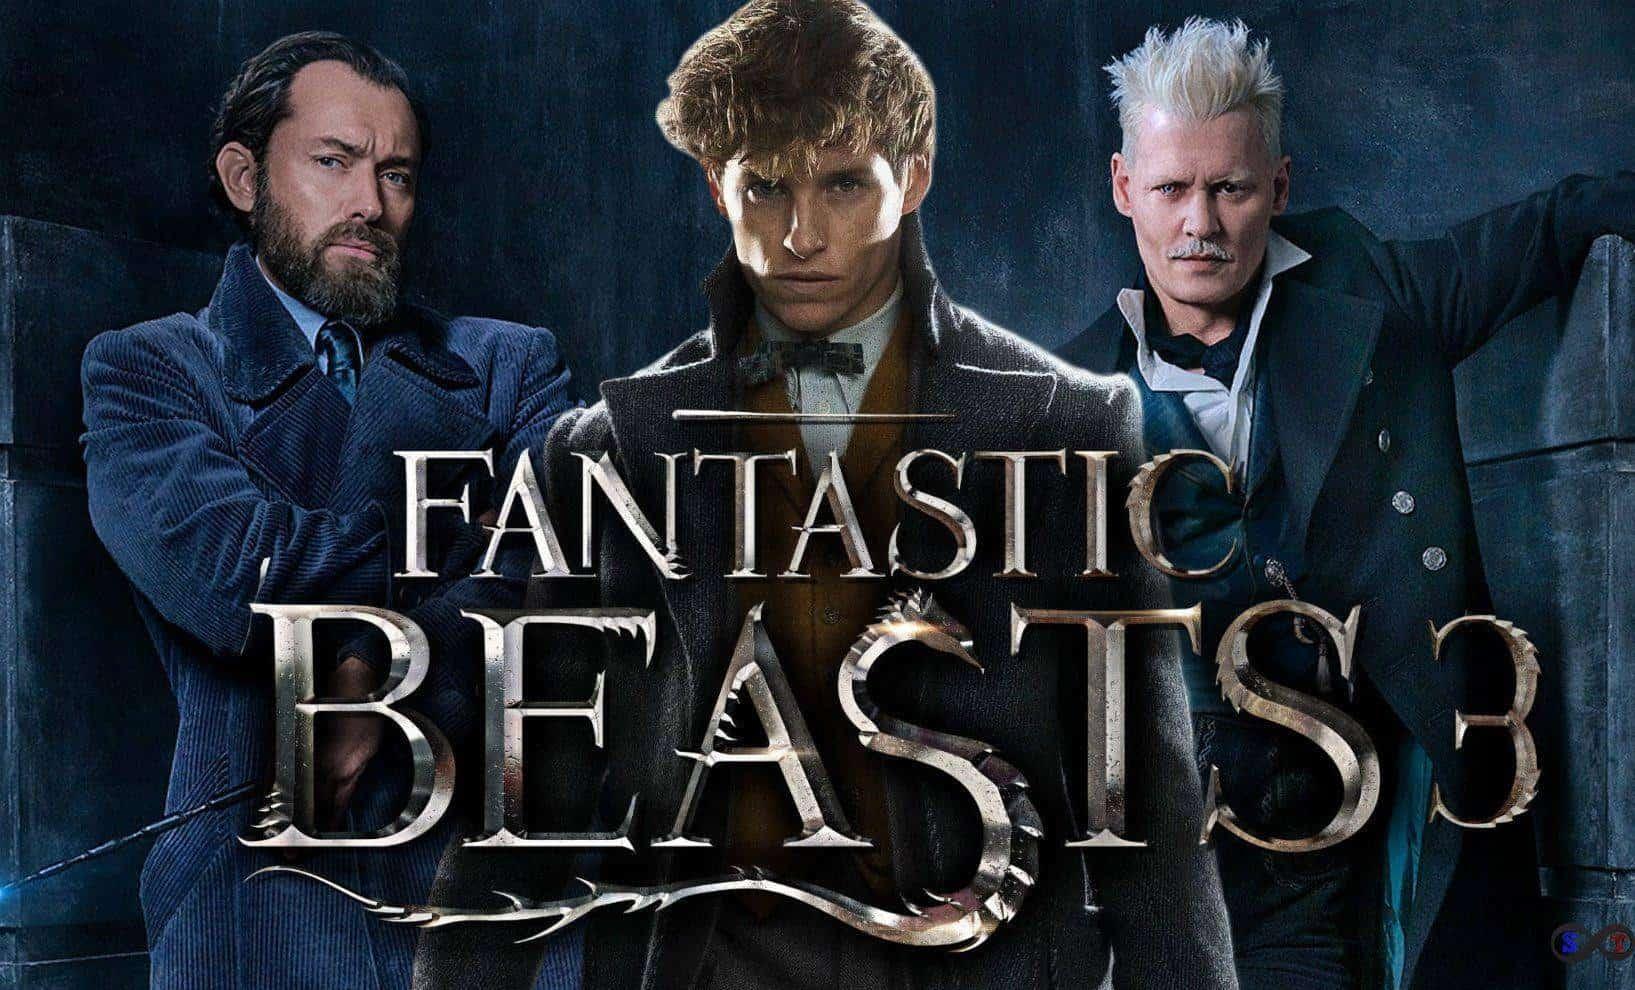 Fatastic Beastsand Whereto Find Th